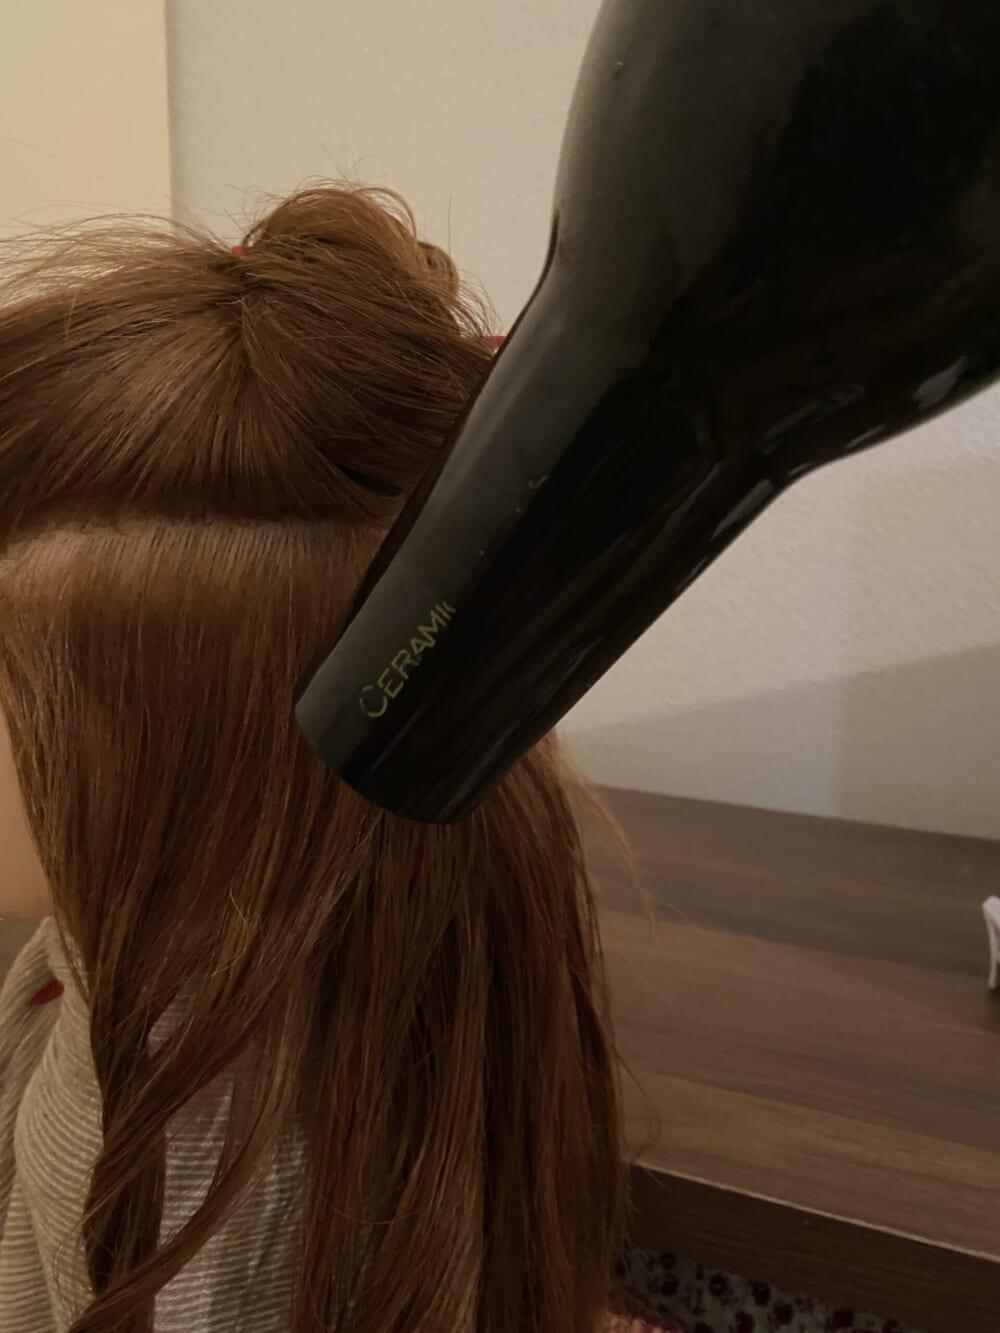 中間から毛先を乾かす場合は、下からドライヤーをあてると毛先がはねたり広がりすぎてしまいます。なので、上からドライヤーをあて乾かしましょう